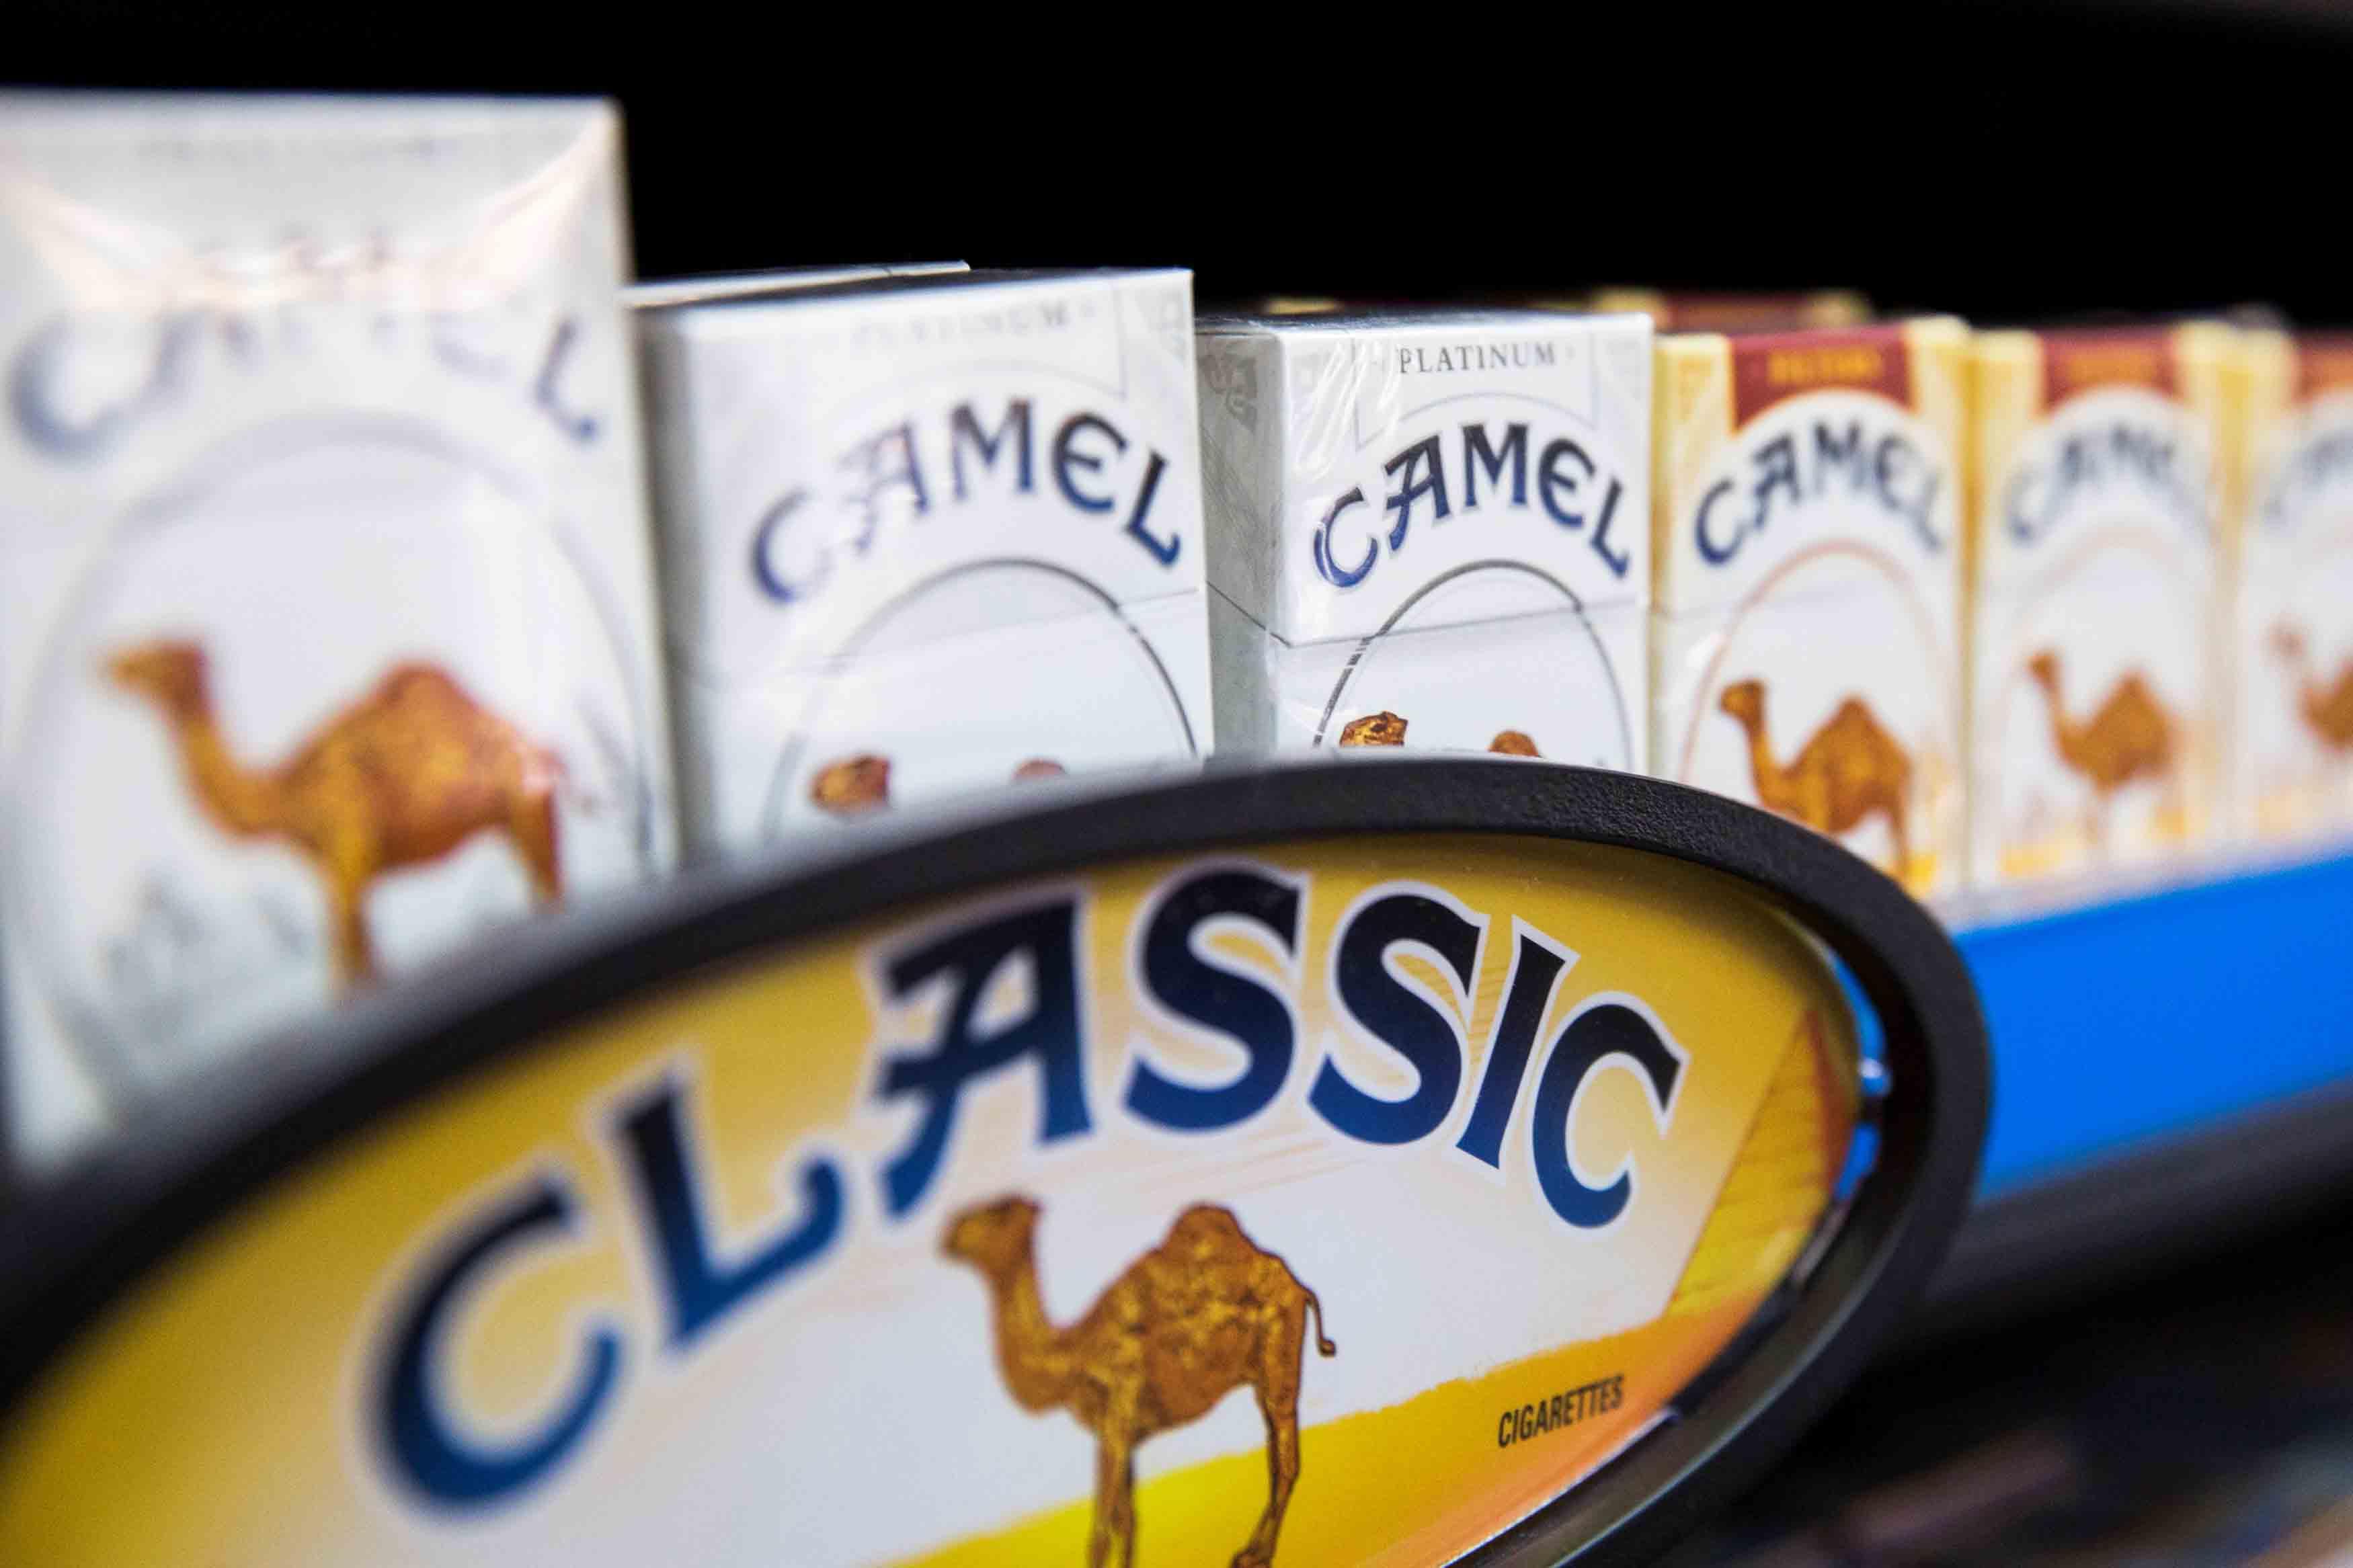 British American Tobacco, propietaria de Lucky Strike, adquirirá por $50 mil millones Reynolds American, encargada de Camel